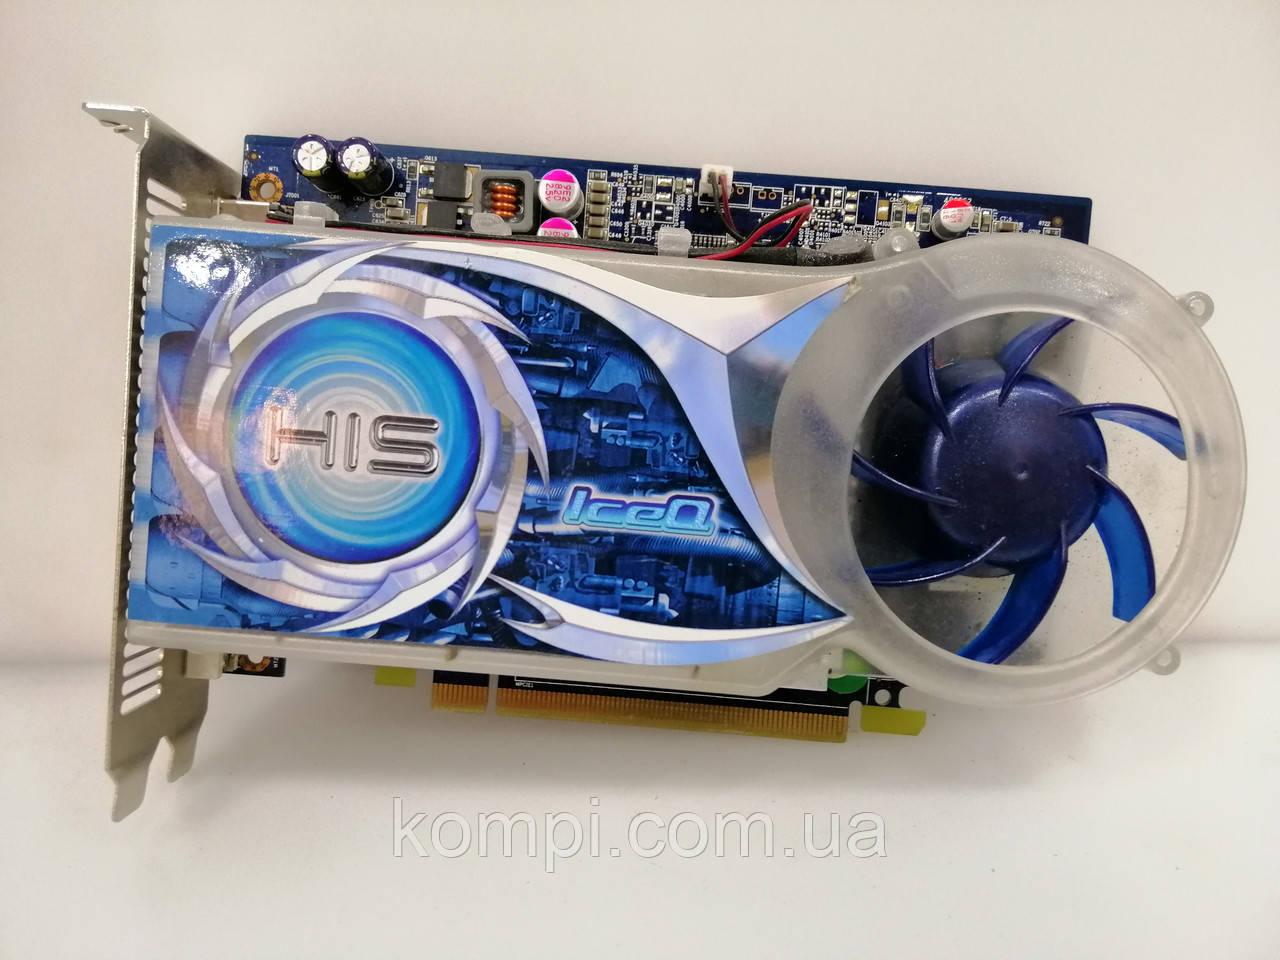 Відеокарта ATI HD 4670 1GB PCI-E ГУДИТЬ КУЛЛЕР!!!!